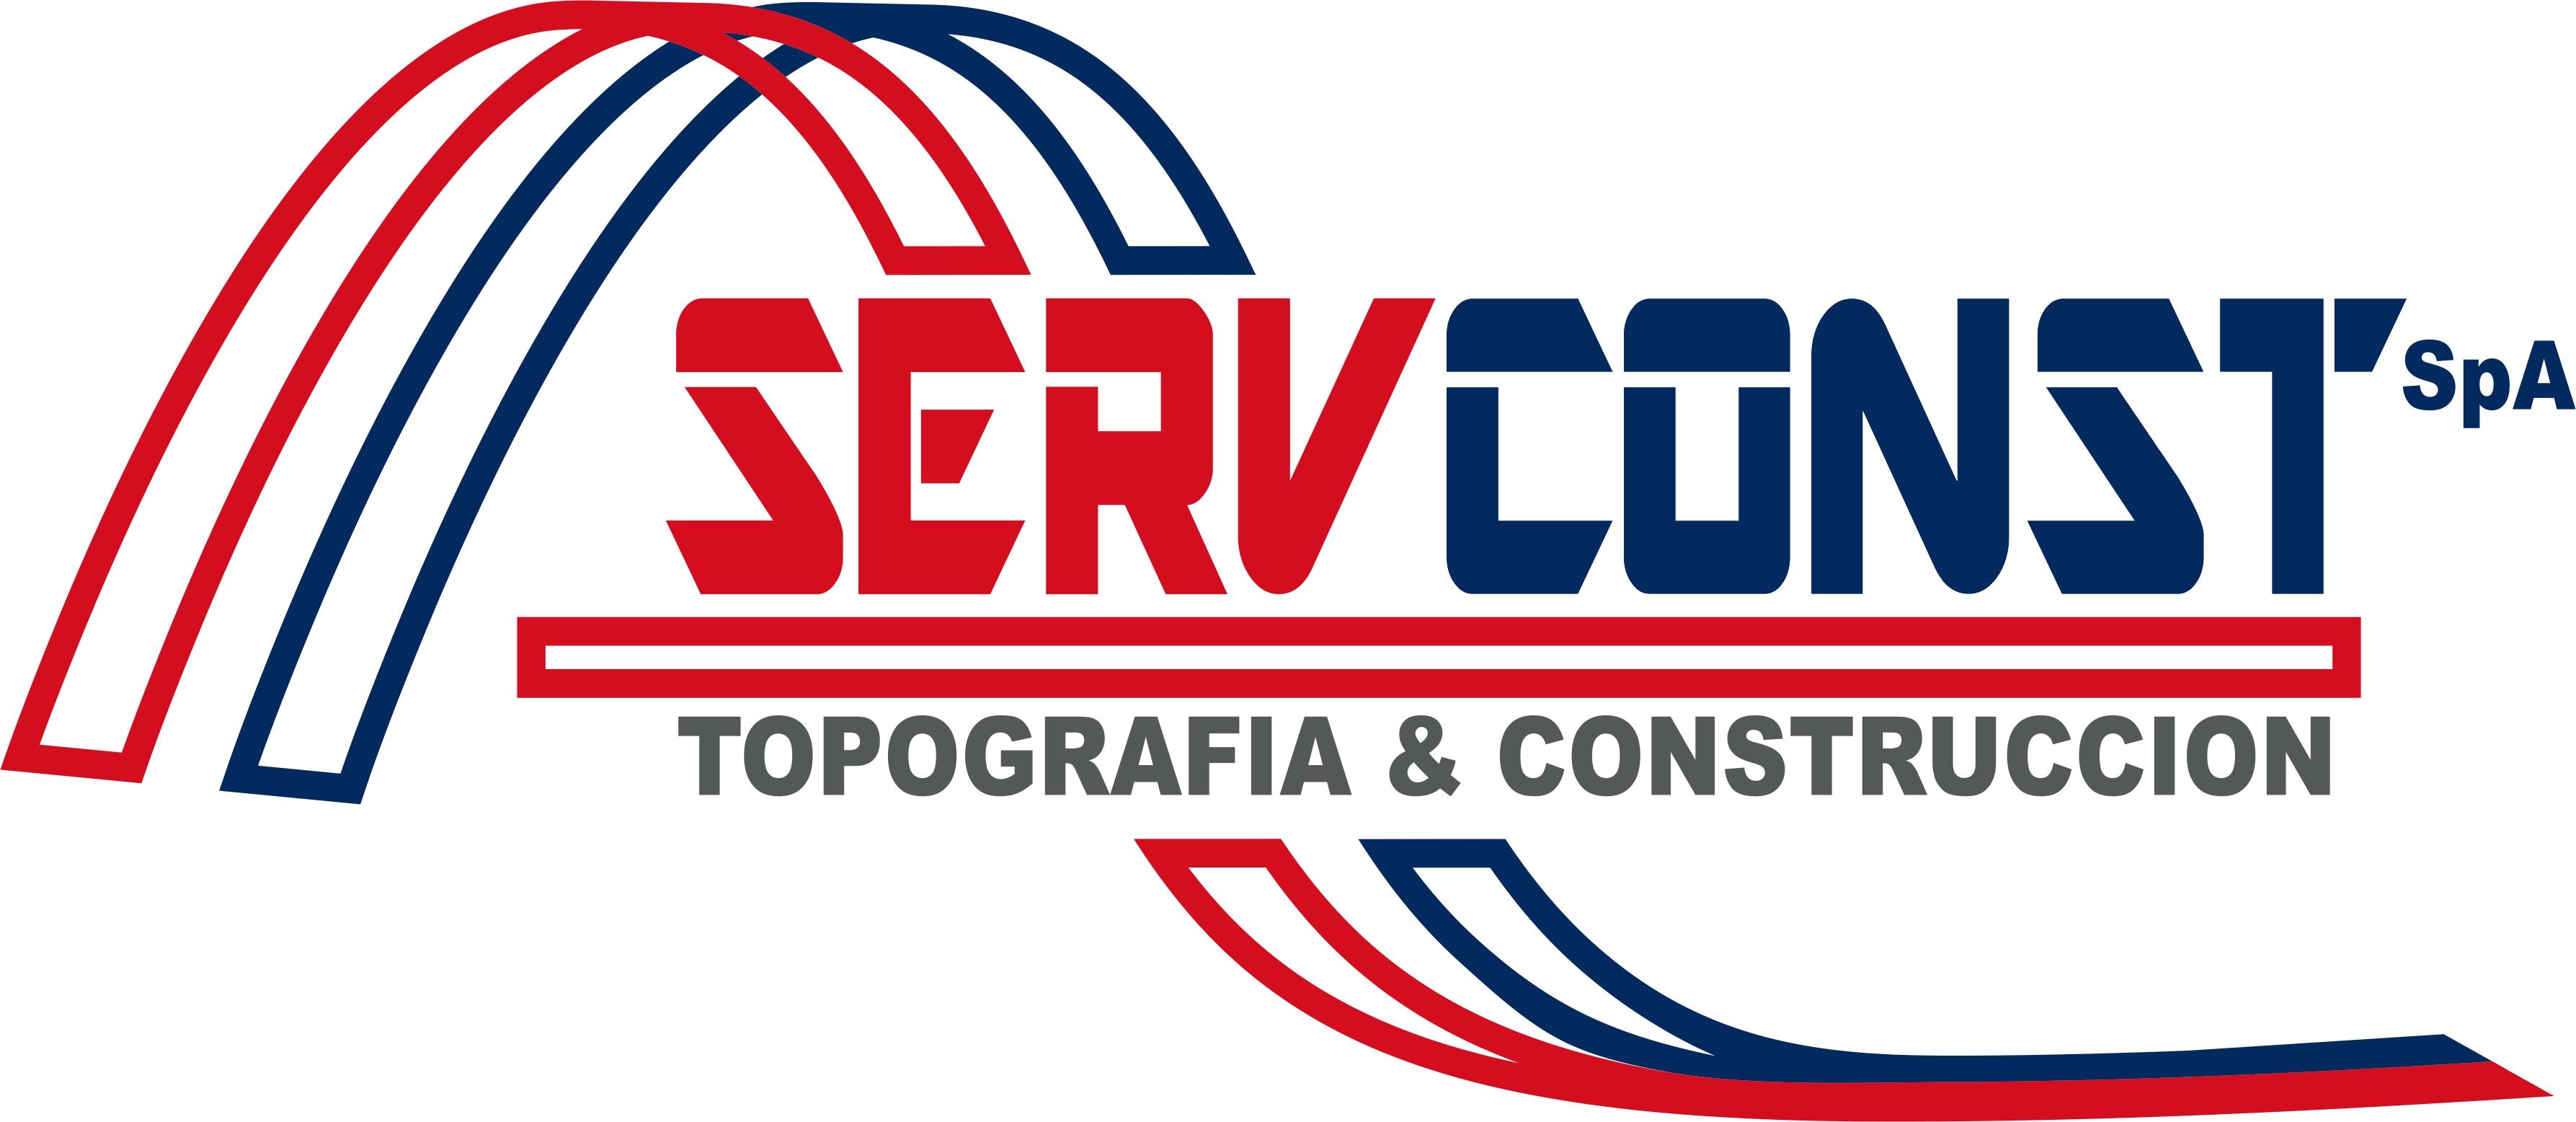 Servcont Spa